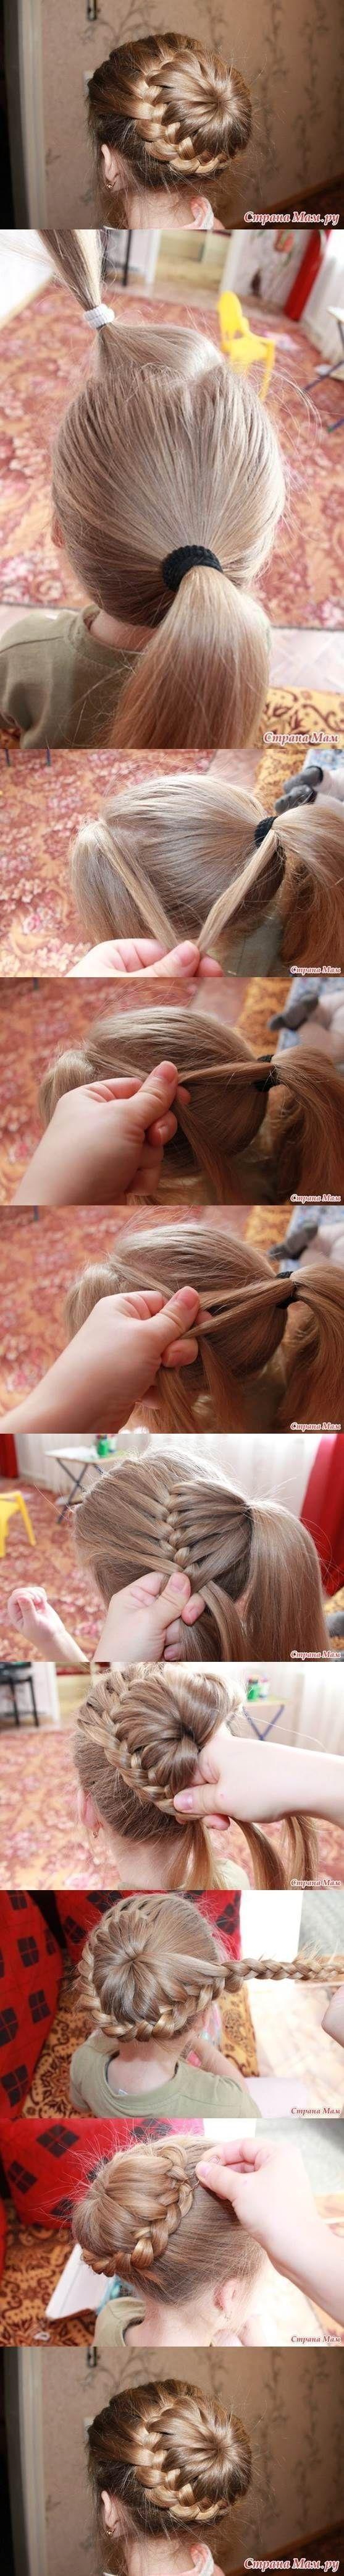 Vous cherchez une jolie coiffure facile et simple pour votre petite fille? Voilà une collection de plus de 20 coiffures faciles à faire inspirées de PINTEREST que vous pouvez réaliser pour votre petite fille. coiffure cc…